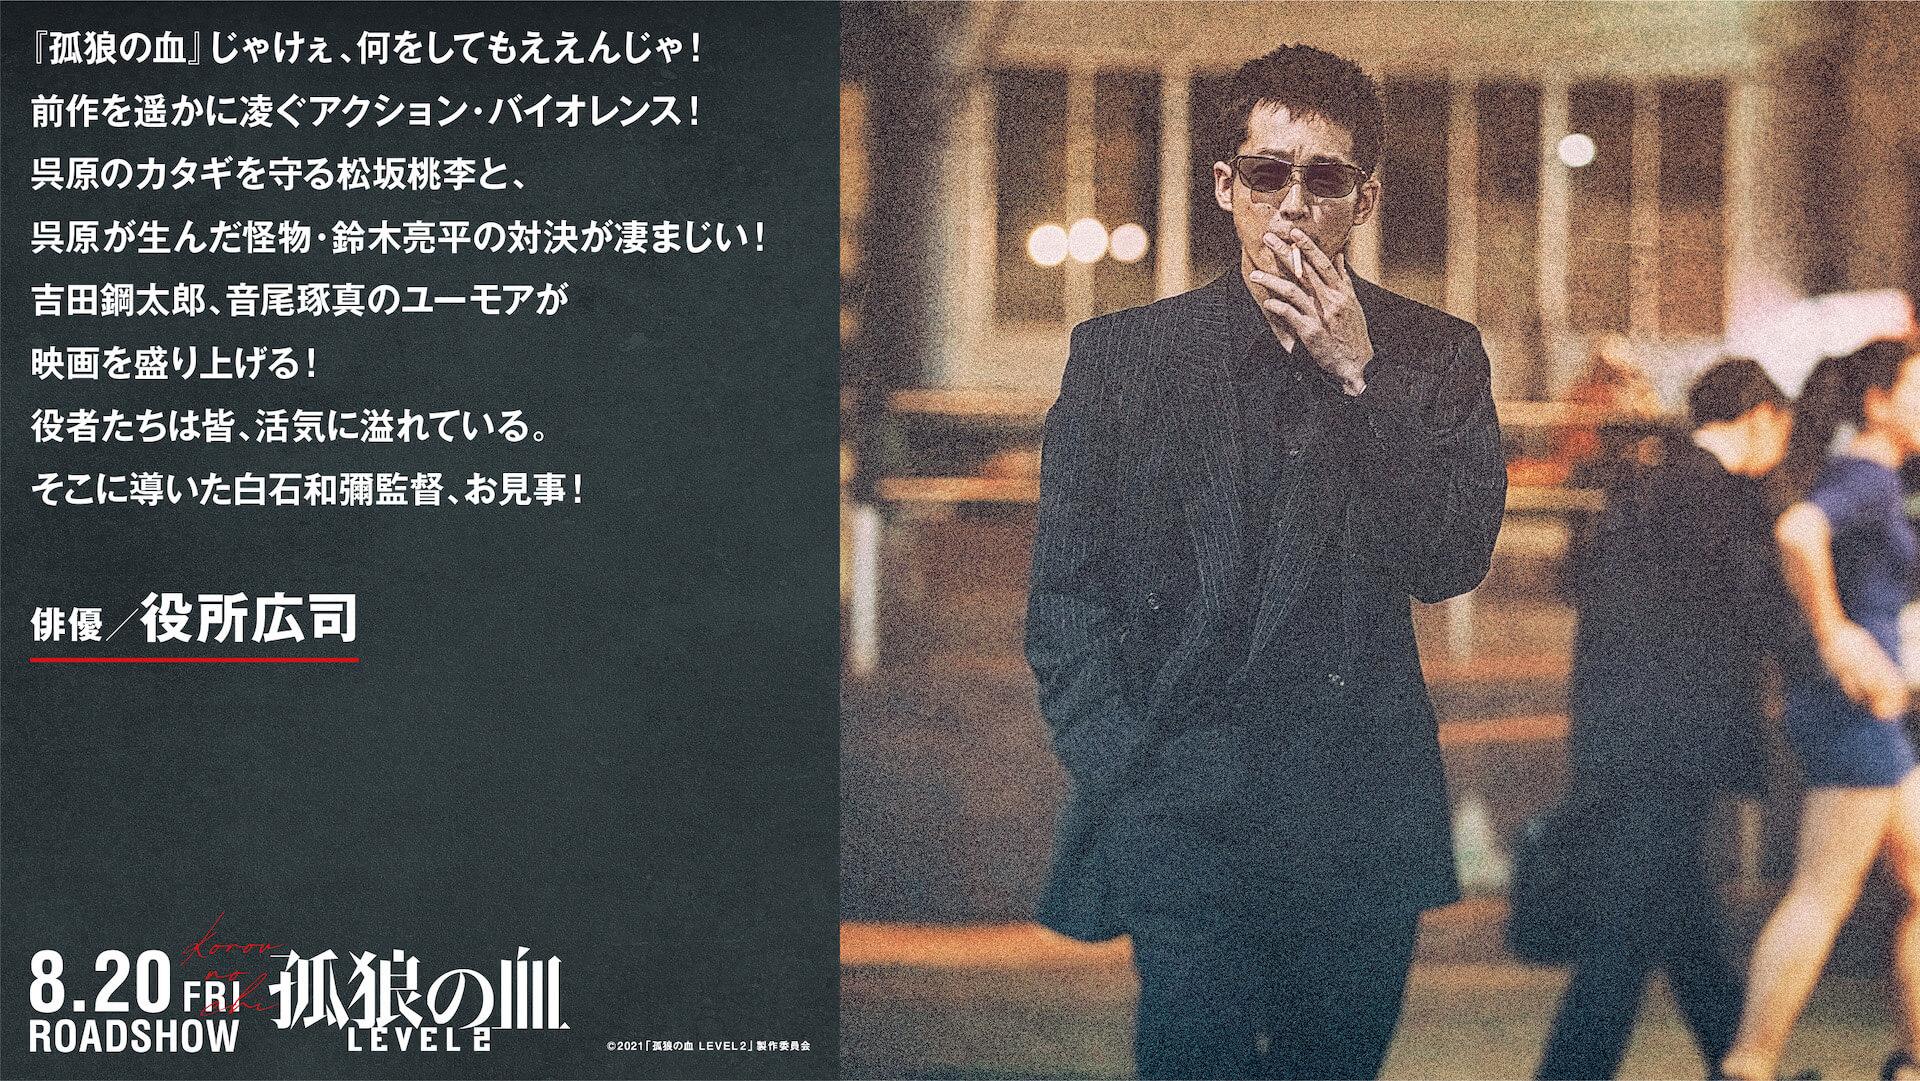 役所広司「『孤狼の血』じゃけぇ、何をしてもええんじゃ!」本日公開『孤狼の血 LEVEL2』へのコメントが続々到着 film210820_korounochi2_main